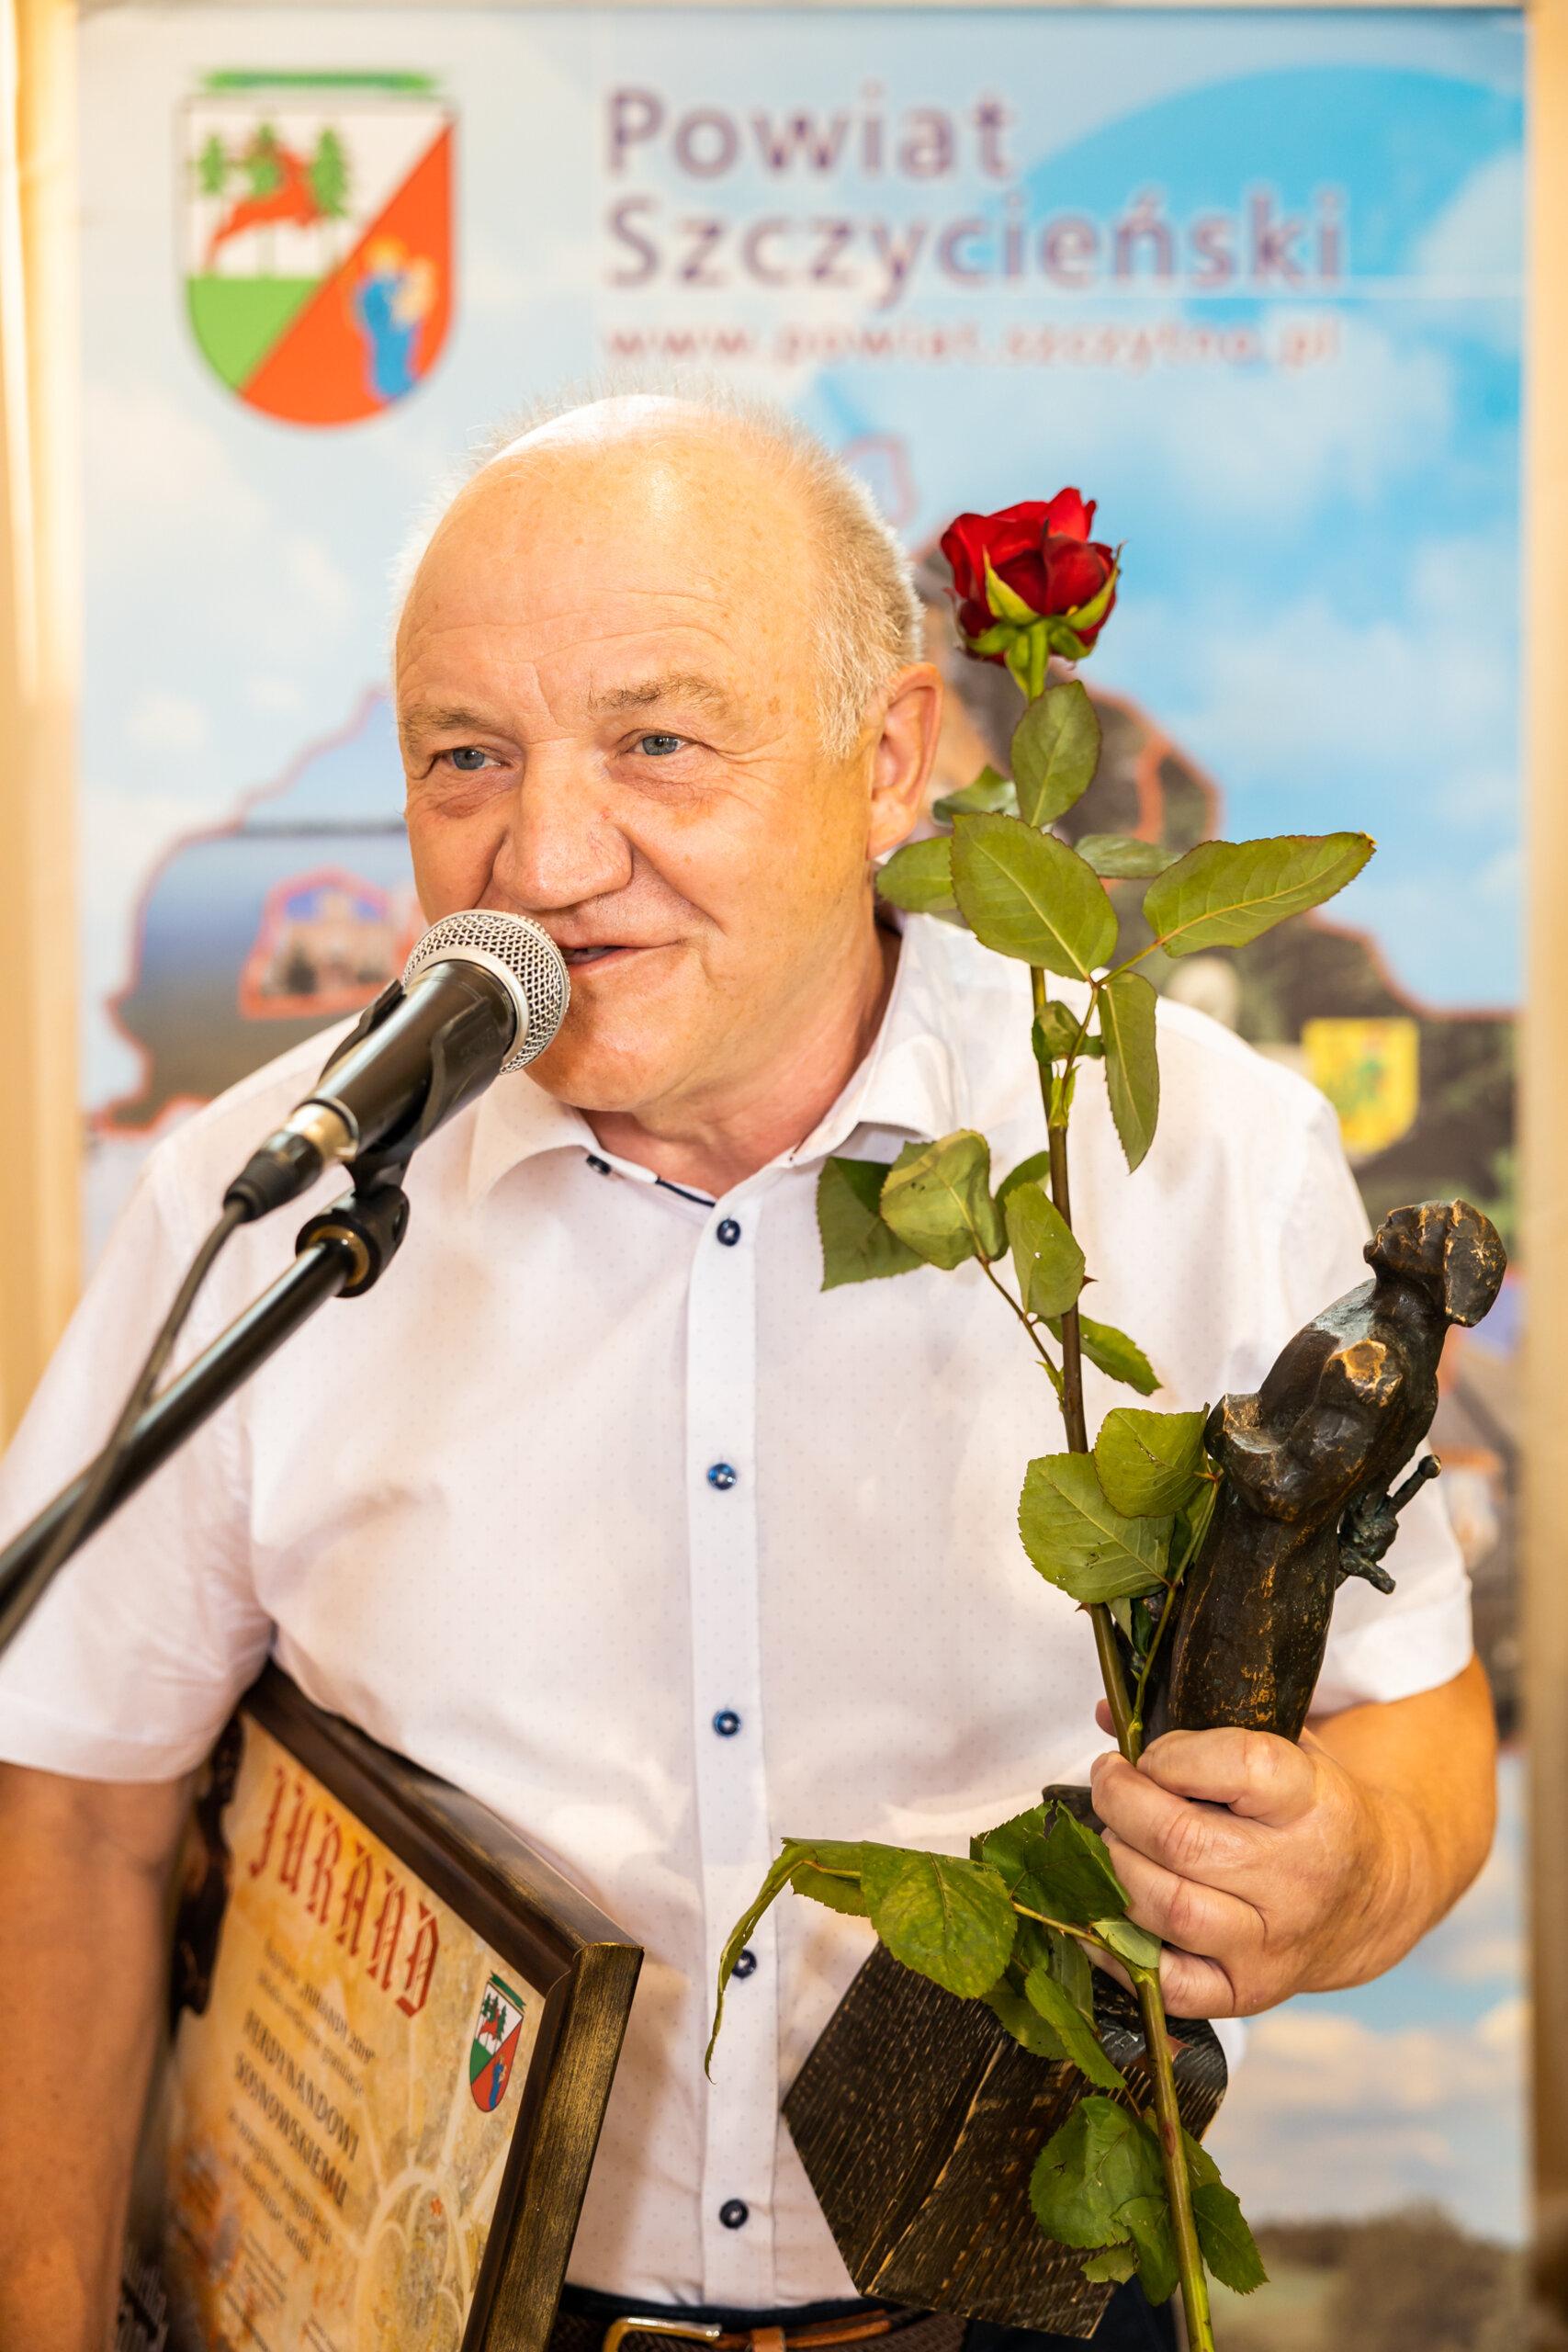 https://i.powiatszczycienski.pl/00/00/76/96/f/o8a5159-picture60c8f410a601e.jpg